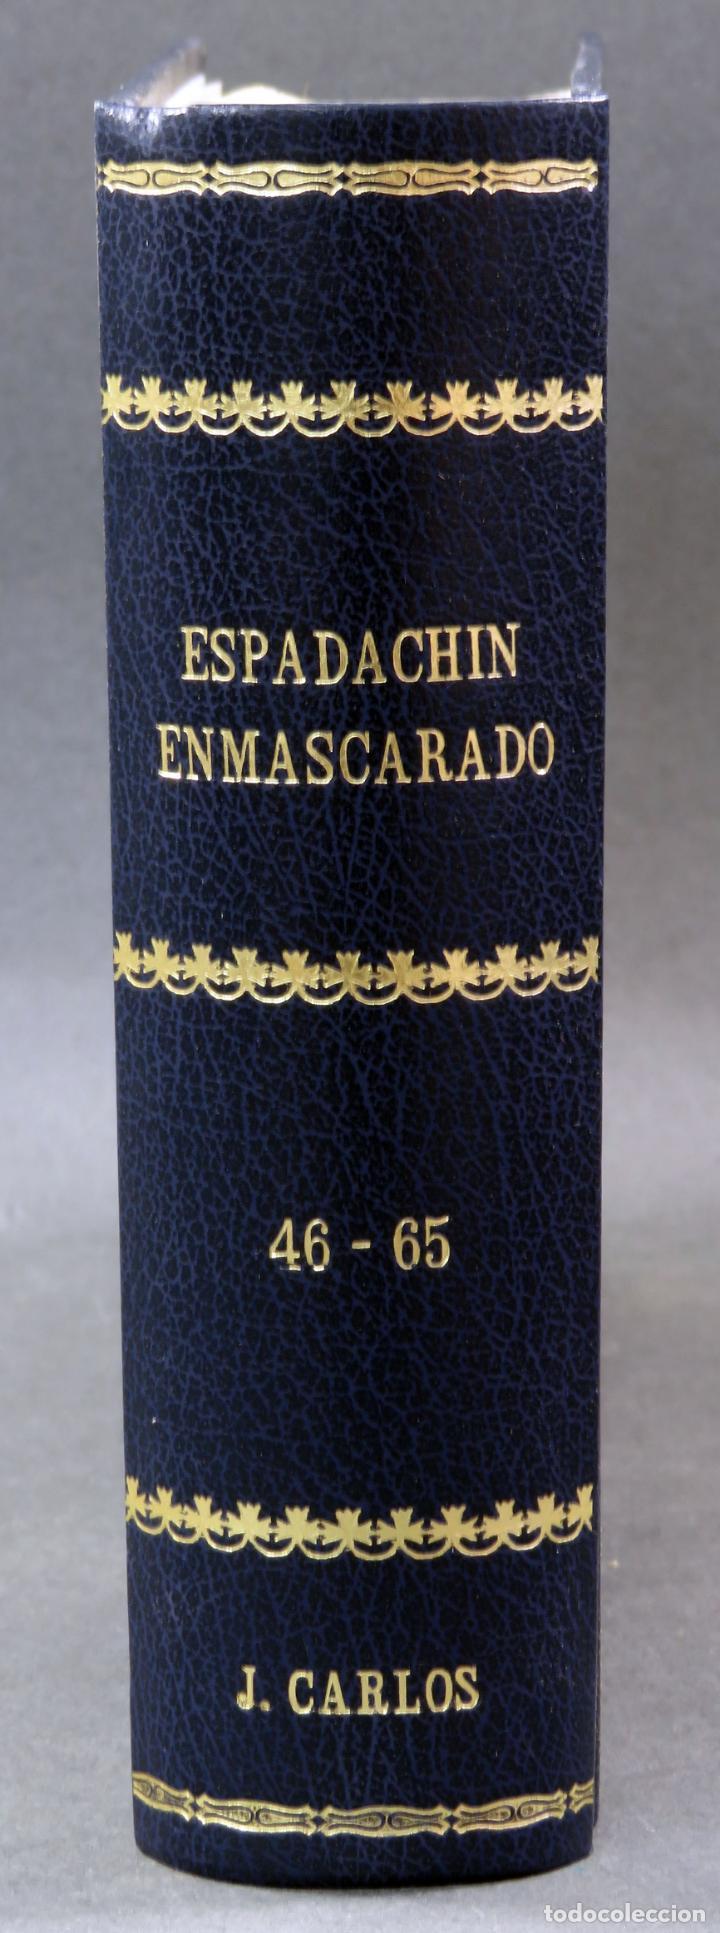 Tebeos: Espadachín Enmascarado Editora Valenciana 1981 completo nº 1 al 84 4 tomos encuadernados 2ª edición - Foto 15 - 149204866